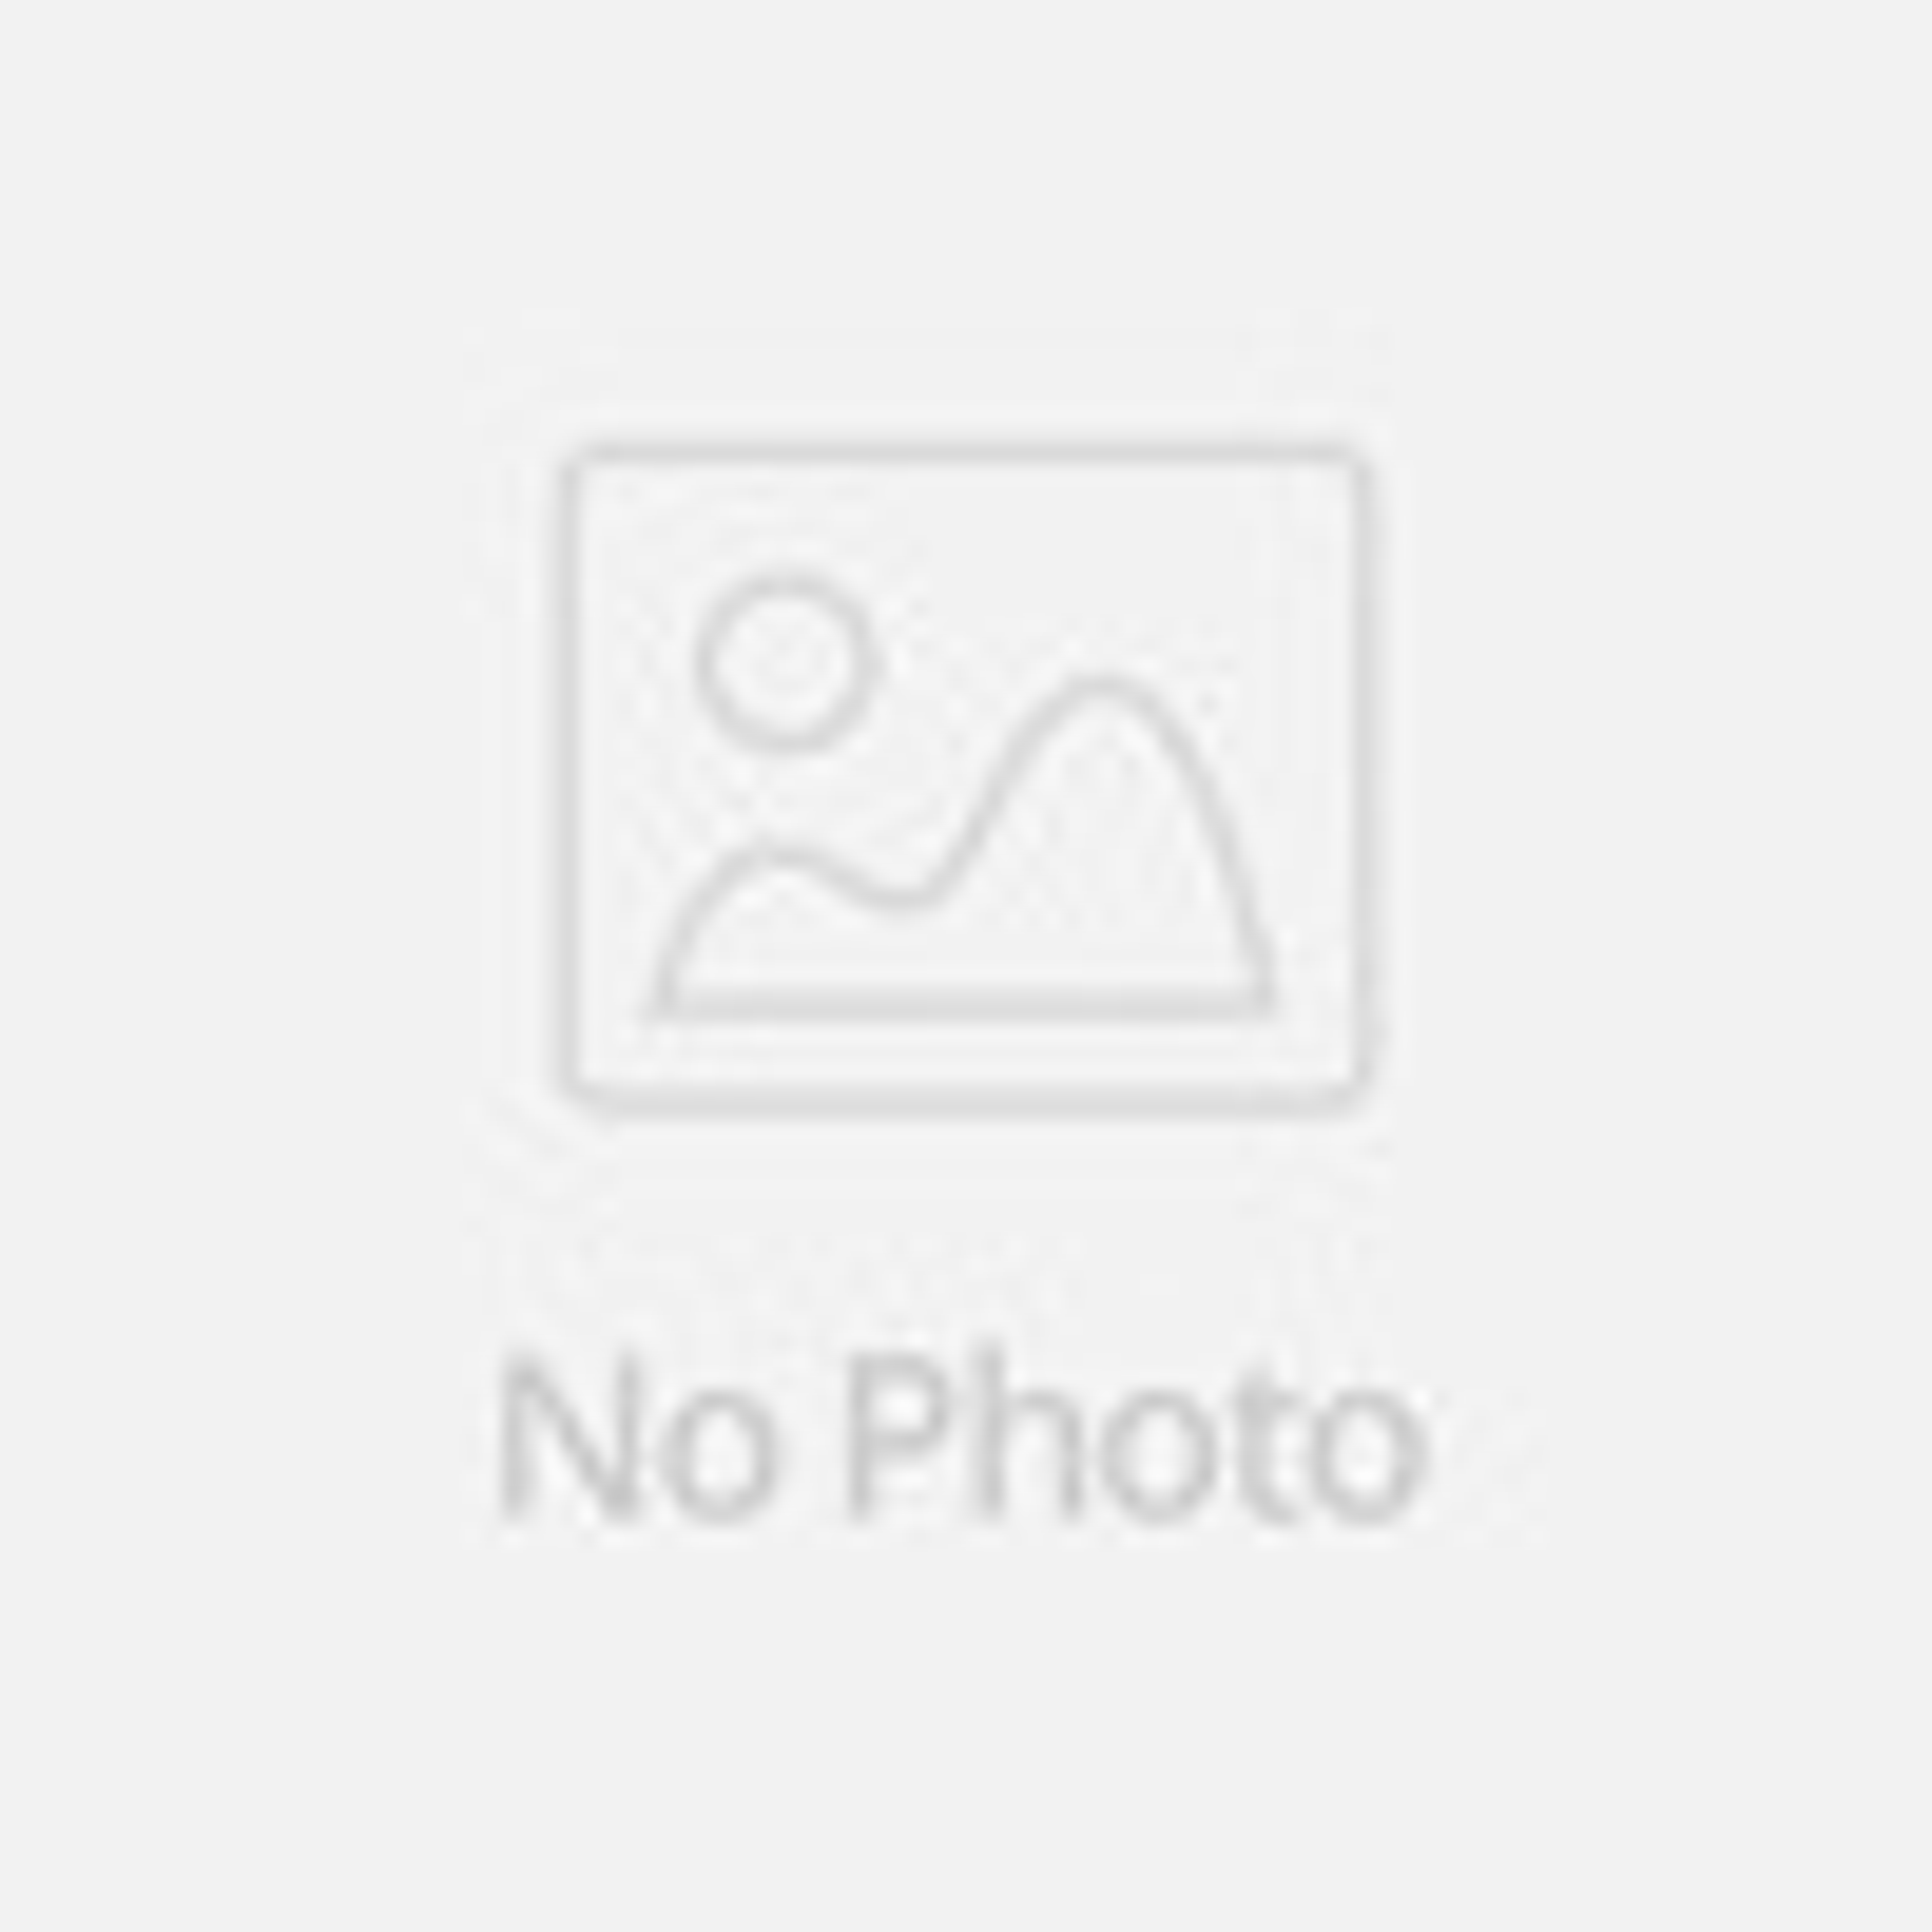 Dulcii back case for Xiaomi Pocophone F1 case Twill Texture TPU Case for Xiaomi Pocophone F1